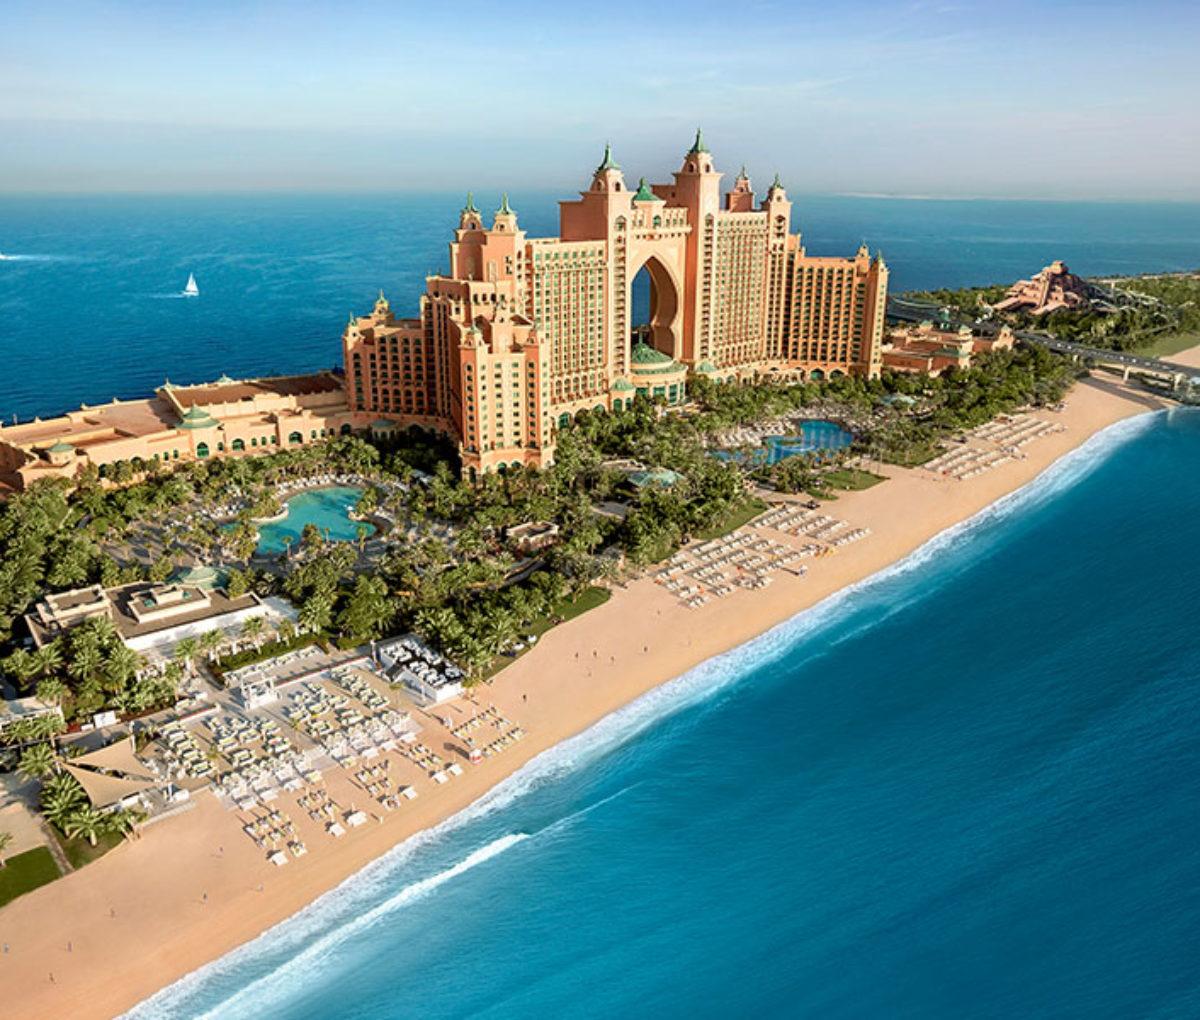 Atlantis, The Palm: Bound To Amaze